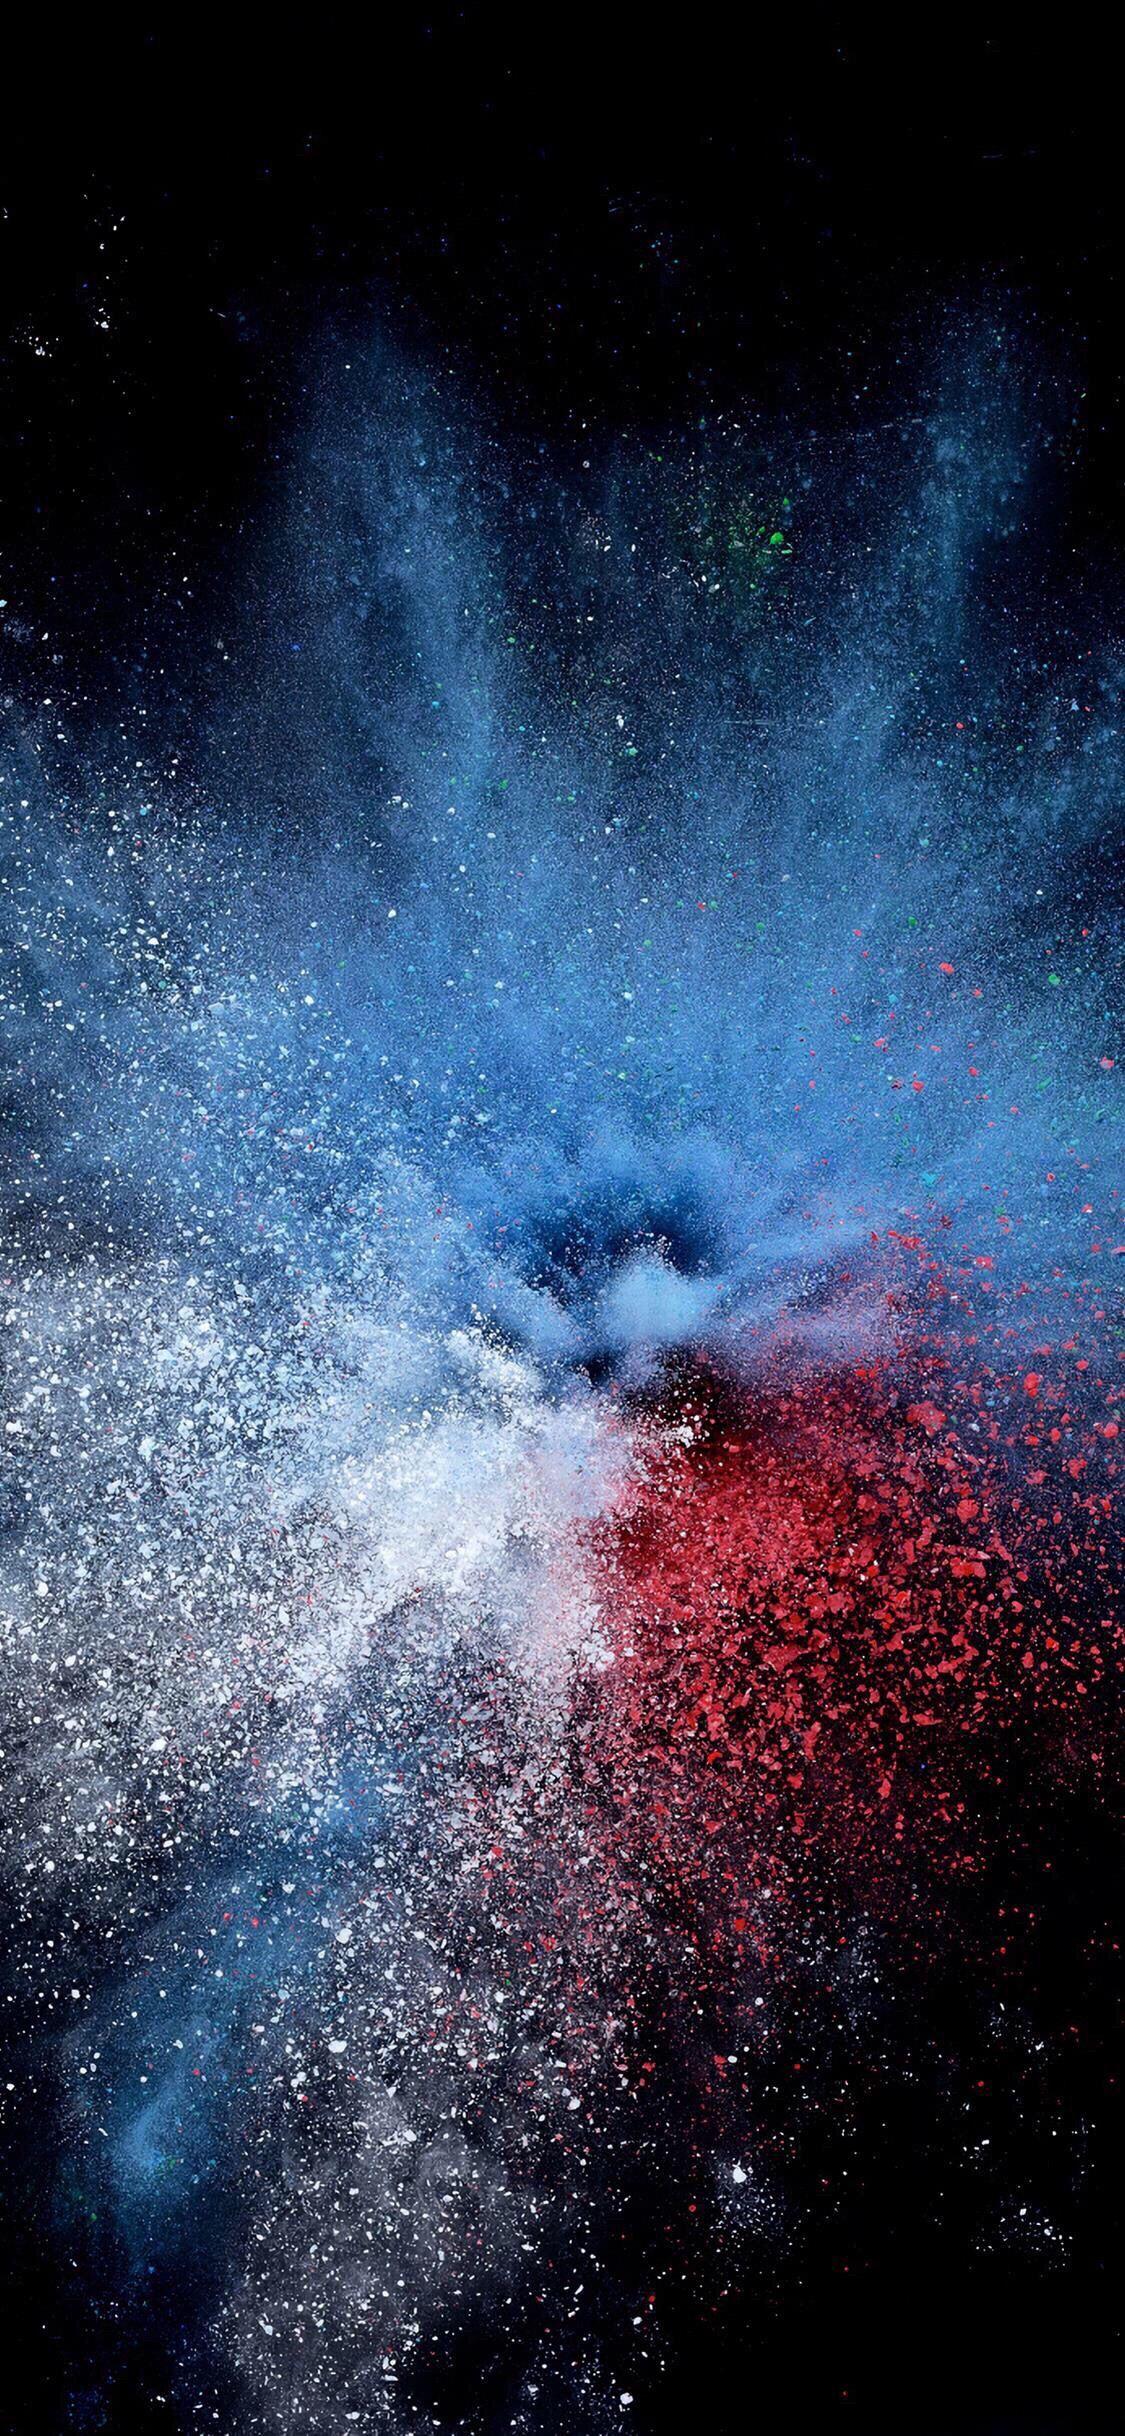 خلفيات ايفون Color Wallpaper Iphone Galaxy Wallpaper Iphone Black Wallpaper Iphone